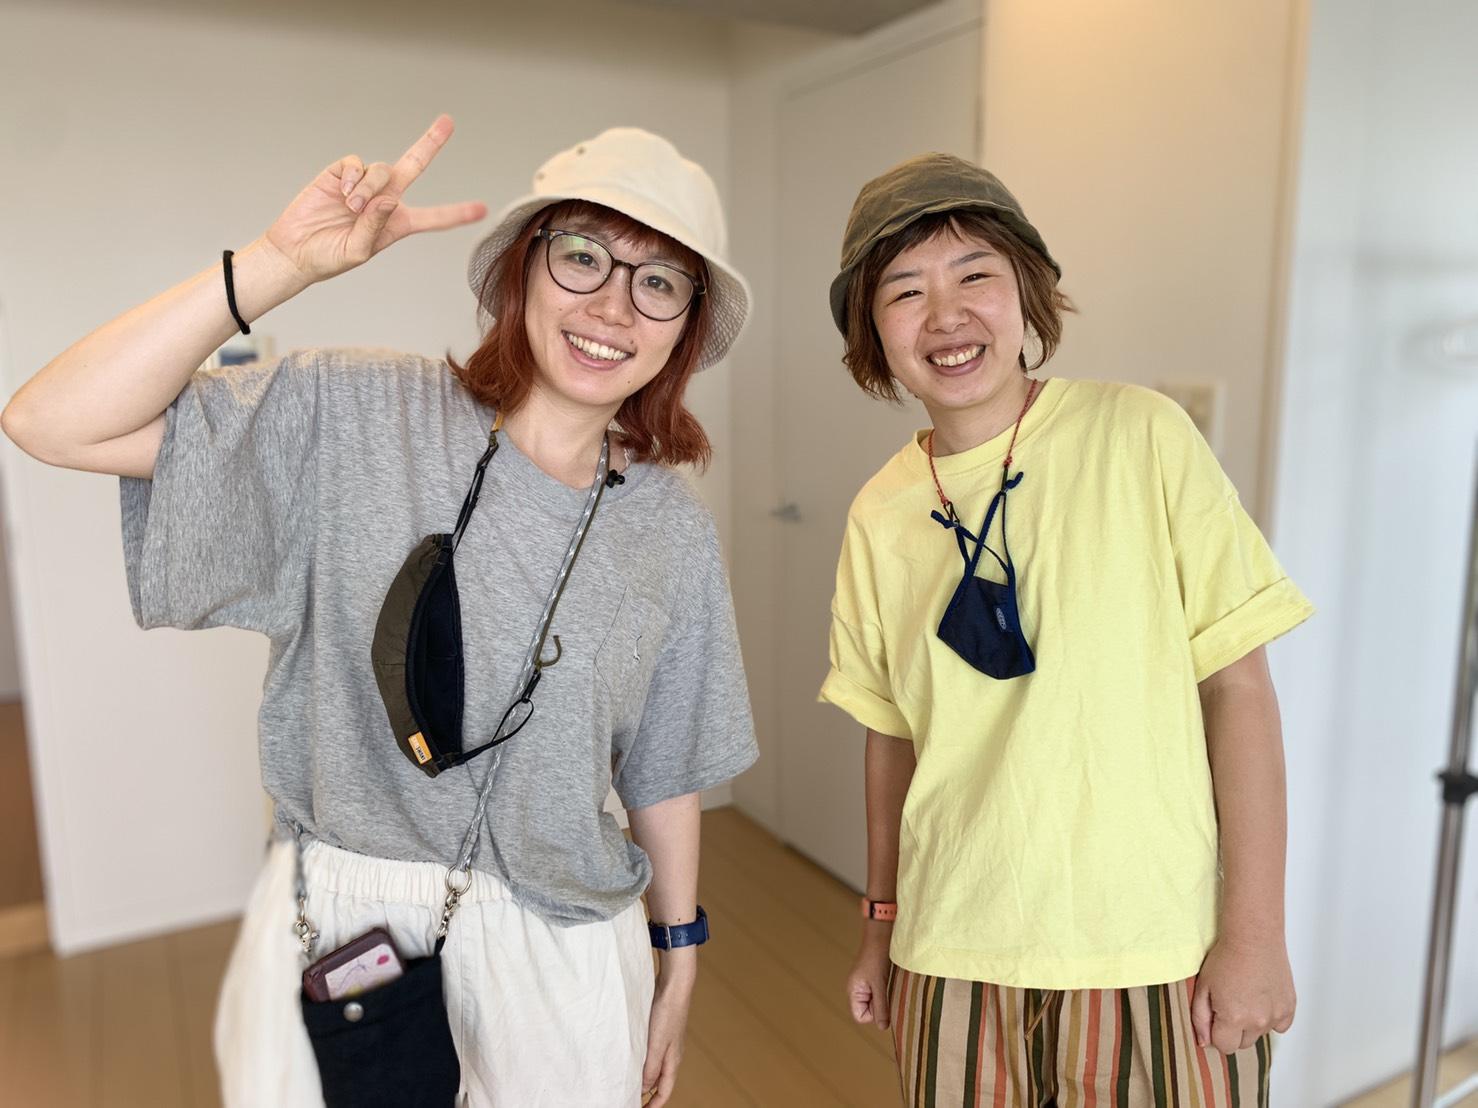 FMヨコハマ「ザバーン」こいしゆうかの女子キャンプコーナー出演